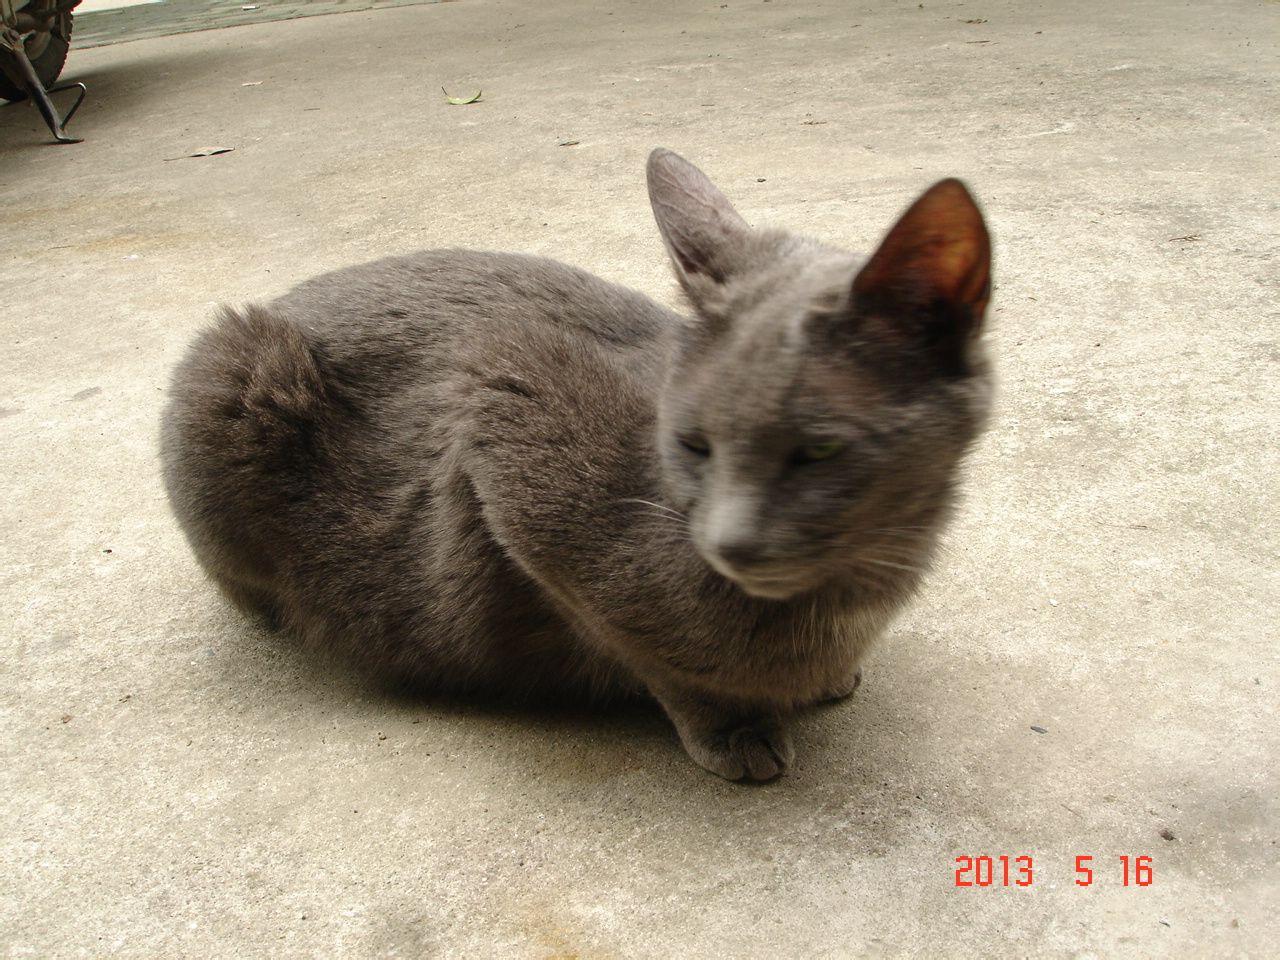 猫品种大全及图片 猫的品种名字及图片 兰花品种名称及图片